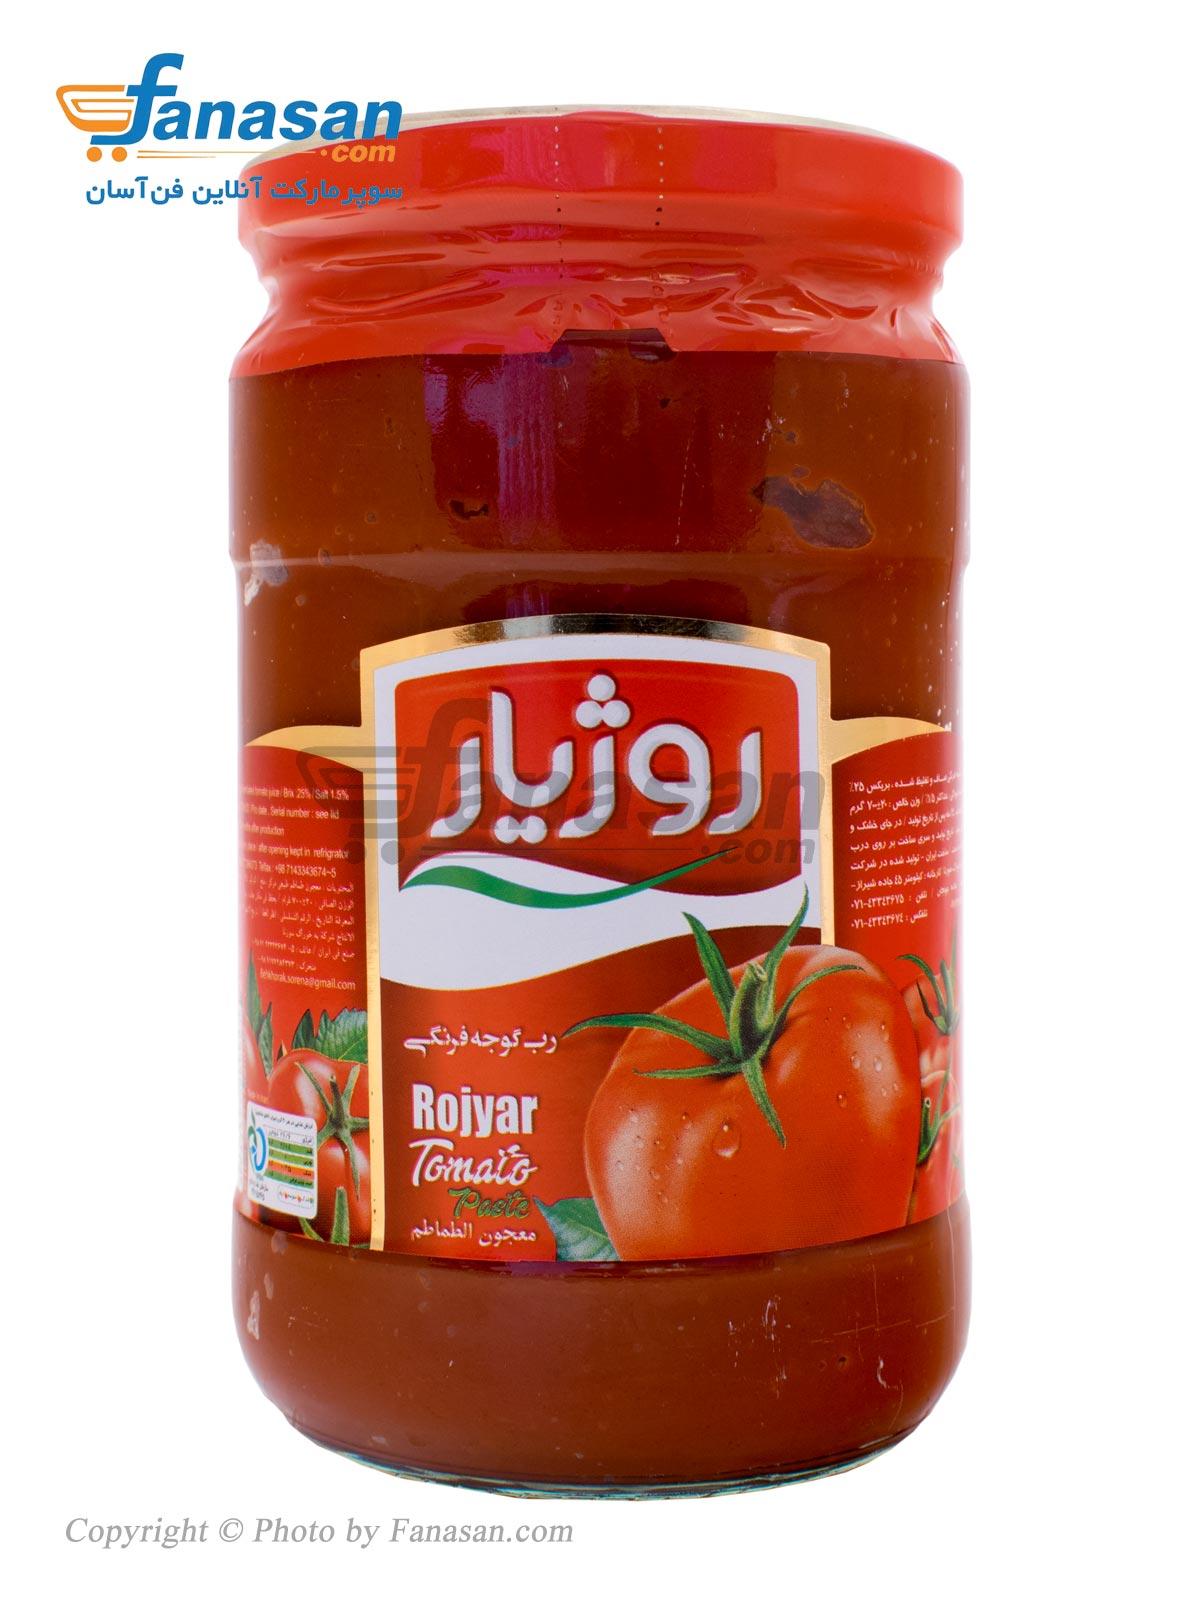 کنسرو رب گوجه فرنگی روژیار 700 گرم